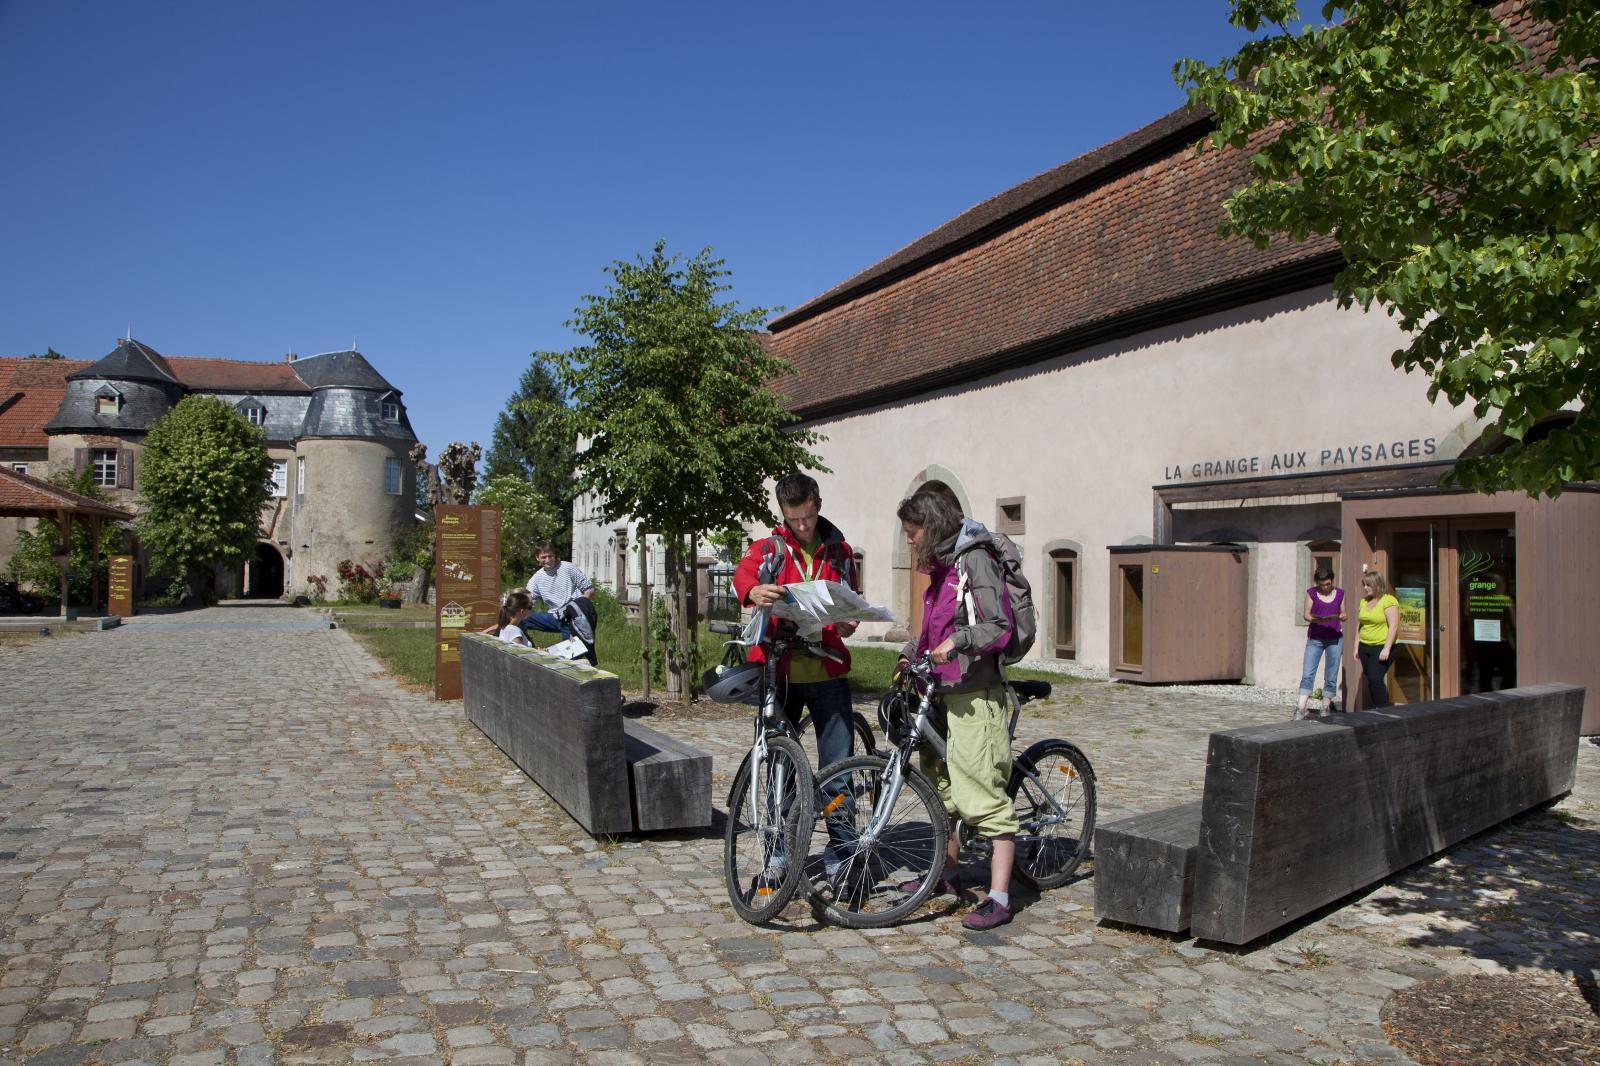 Office de tourisme et Grange aux paysages à Lorentzen